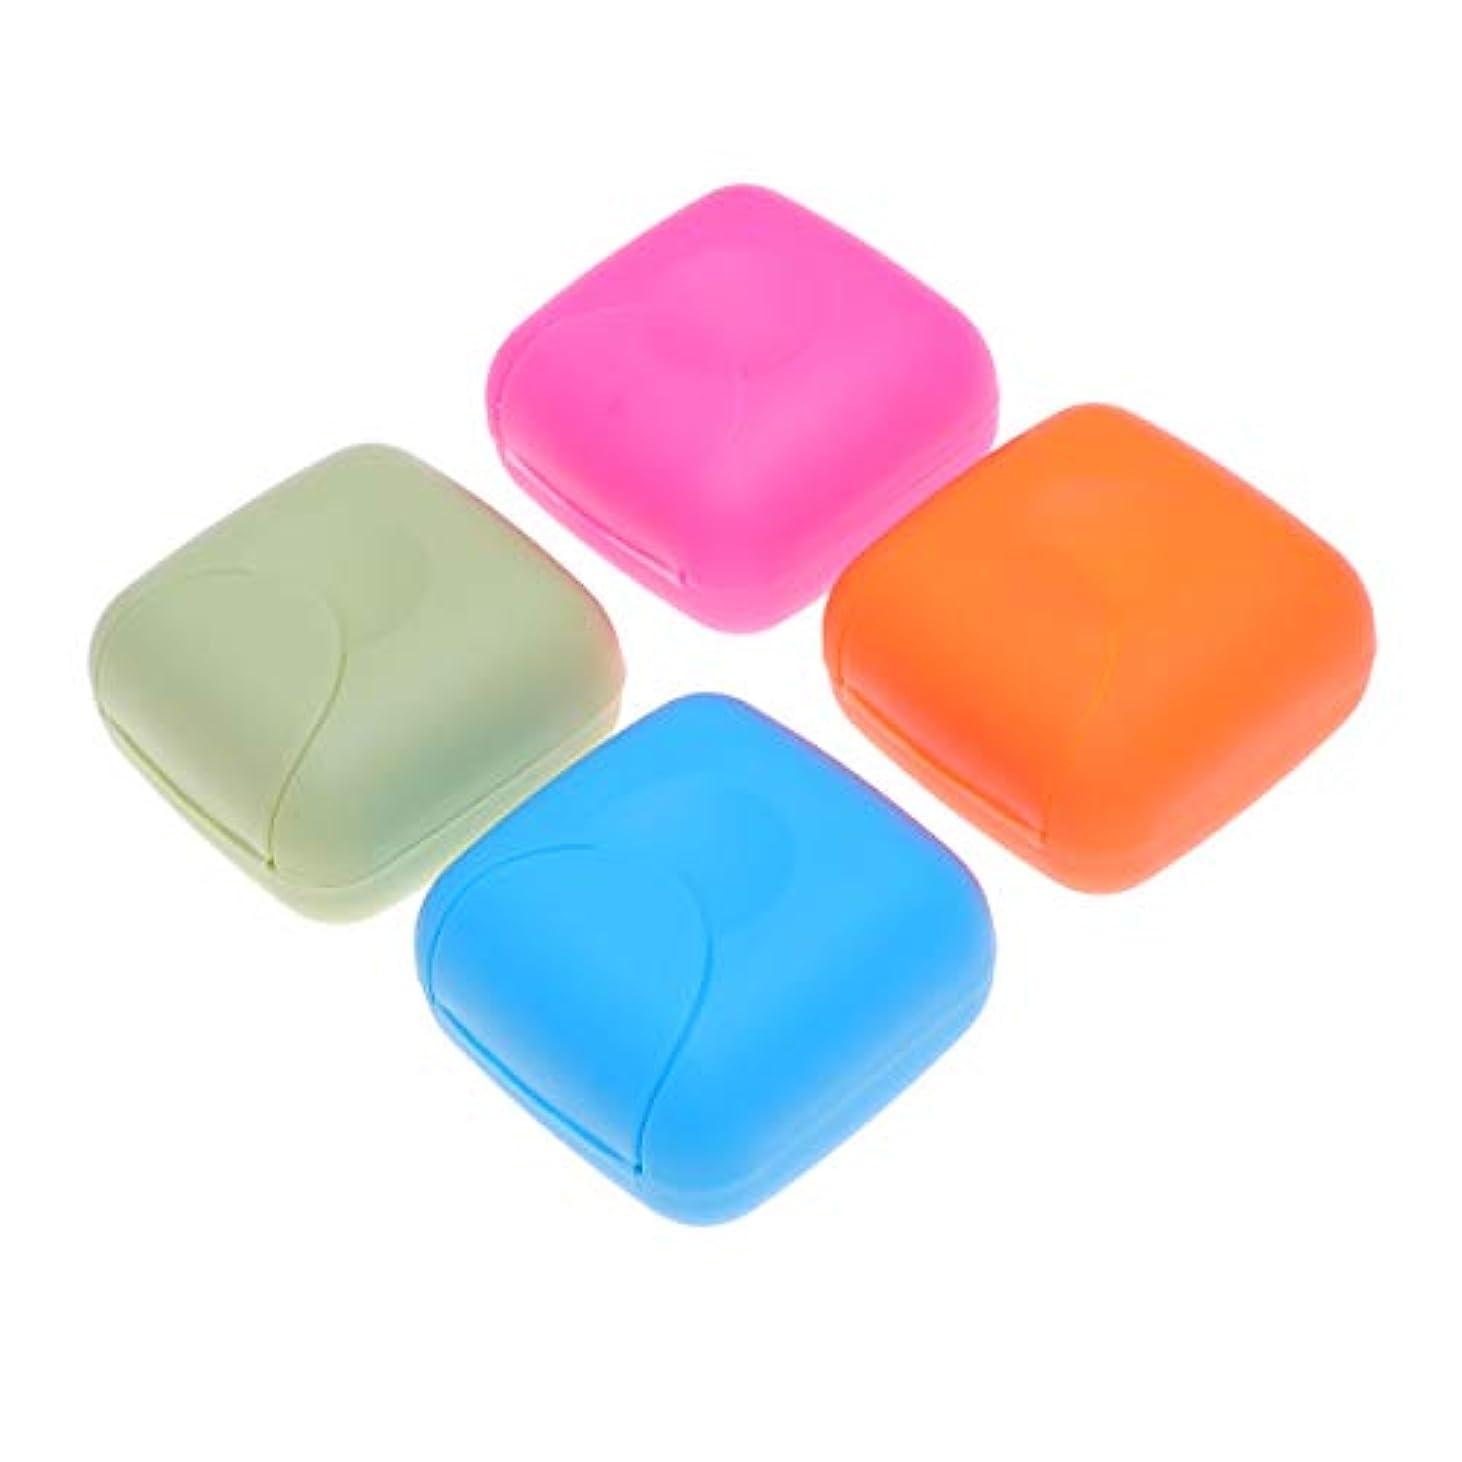 コメンテーターバイナリ関係するHealifty ソープボックスポータブルソープディッシュソープケース4本(ブルー、ロージー、オレンジ、ピンク)